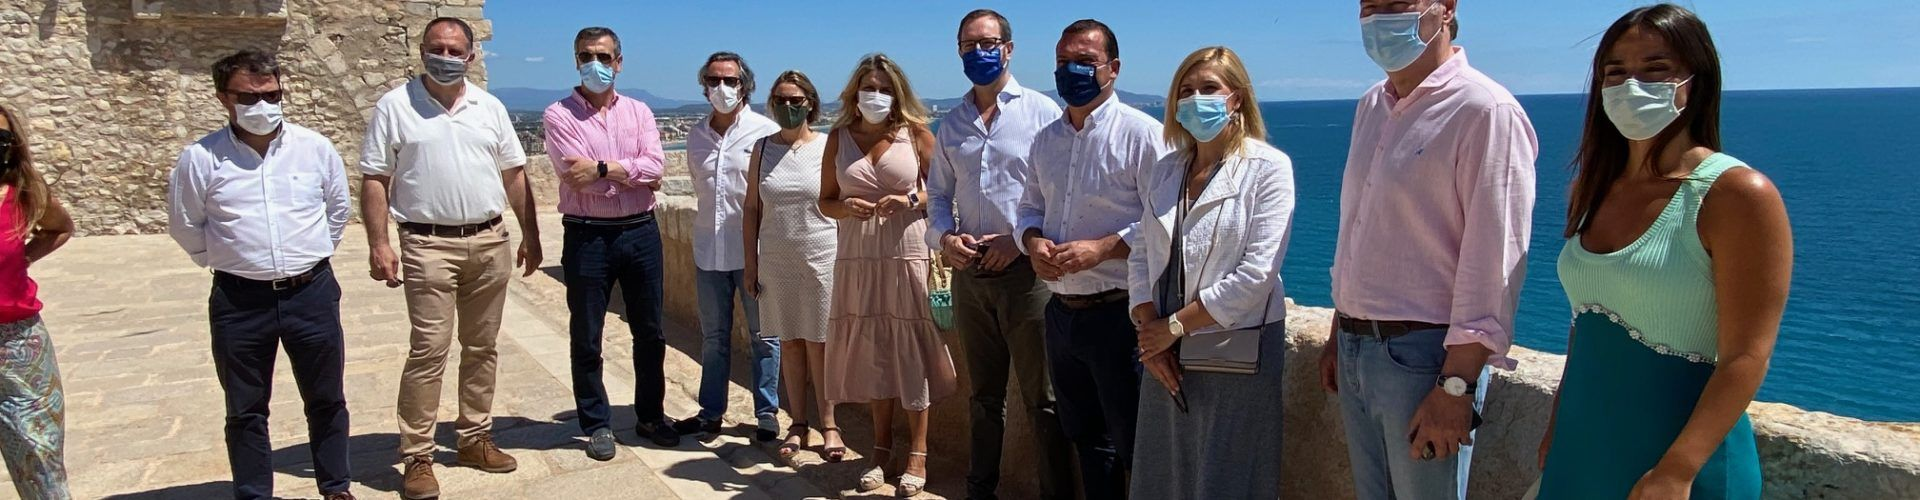 Maroto reclama en su visita a Peñíscola y Alcossebre la reducción del IVA para el sector turístico al 4%